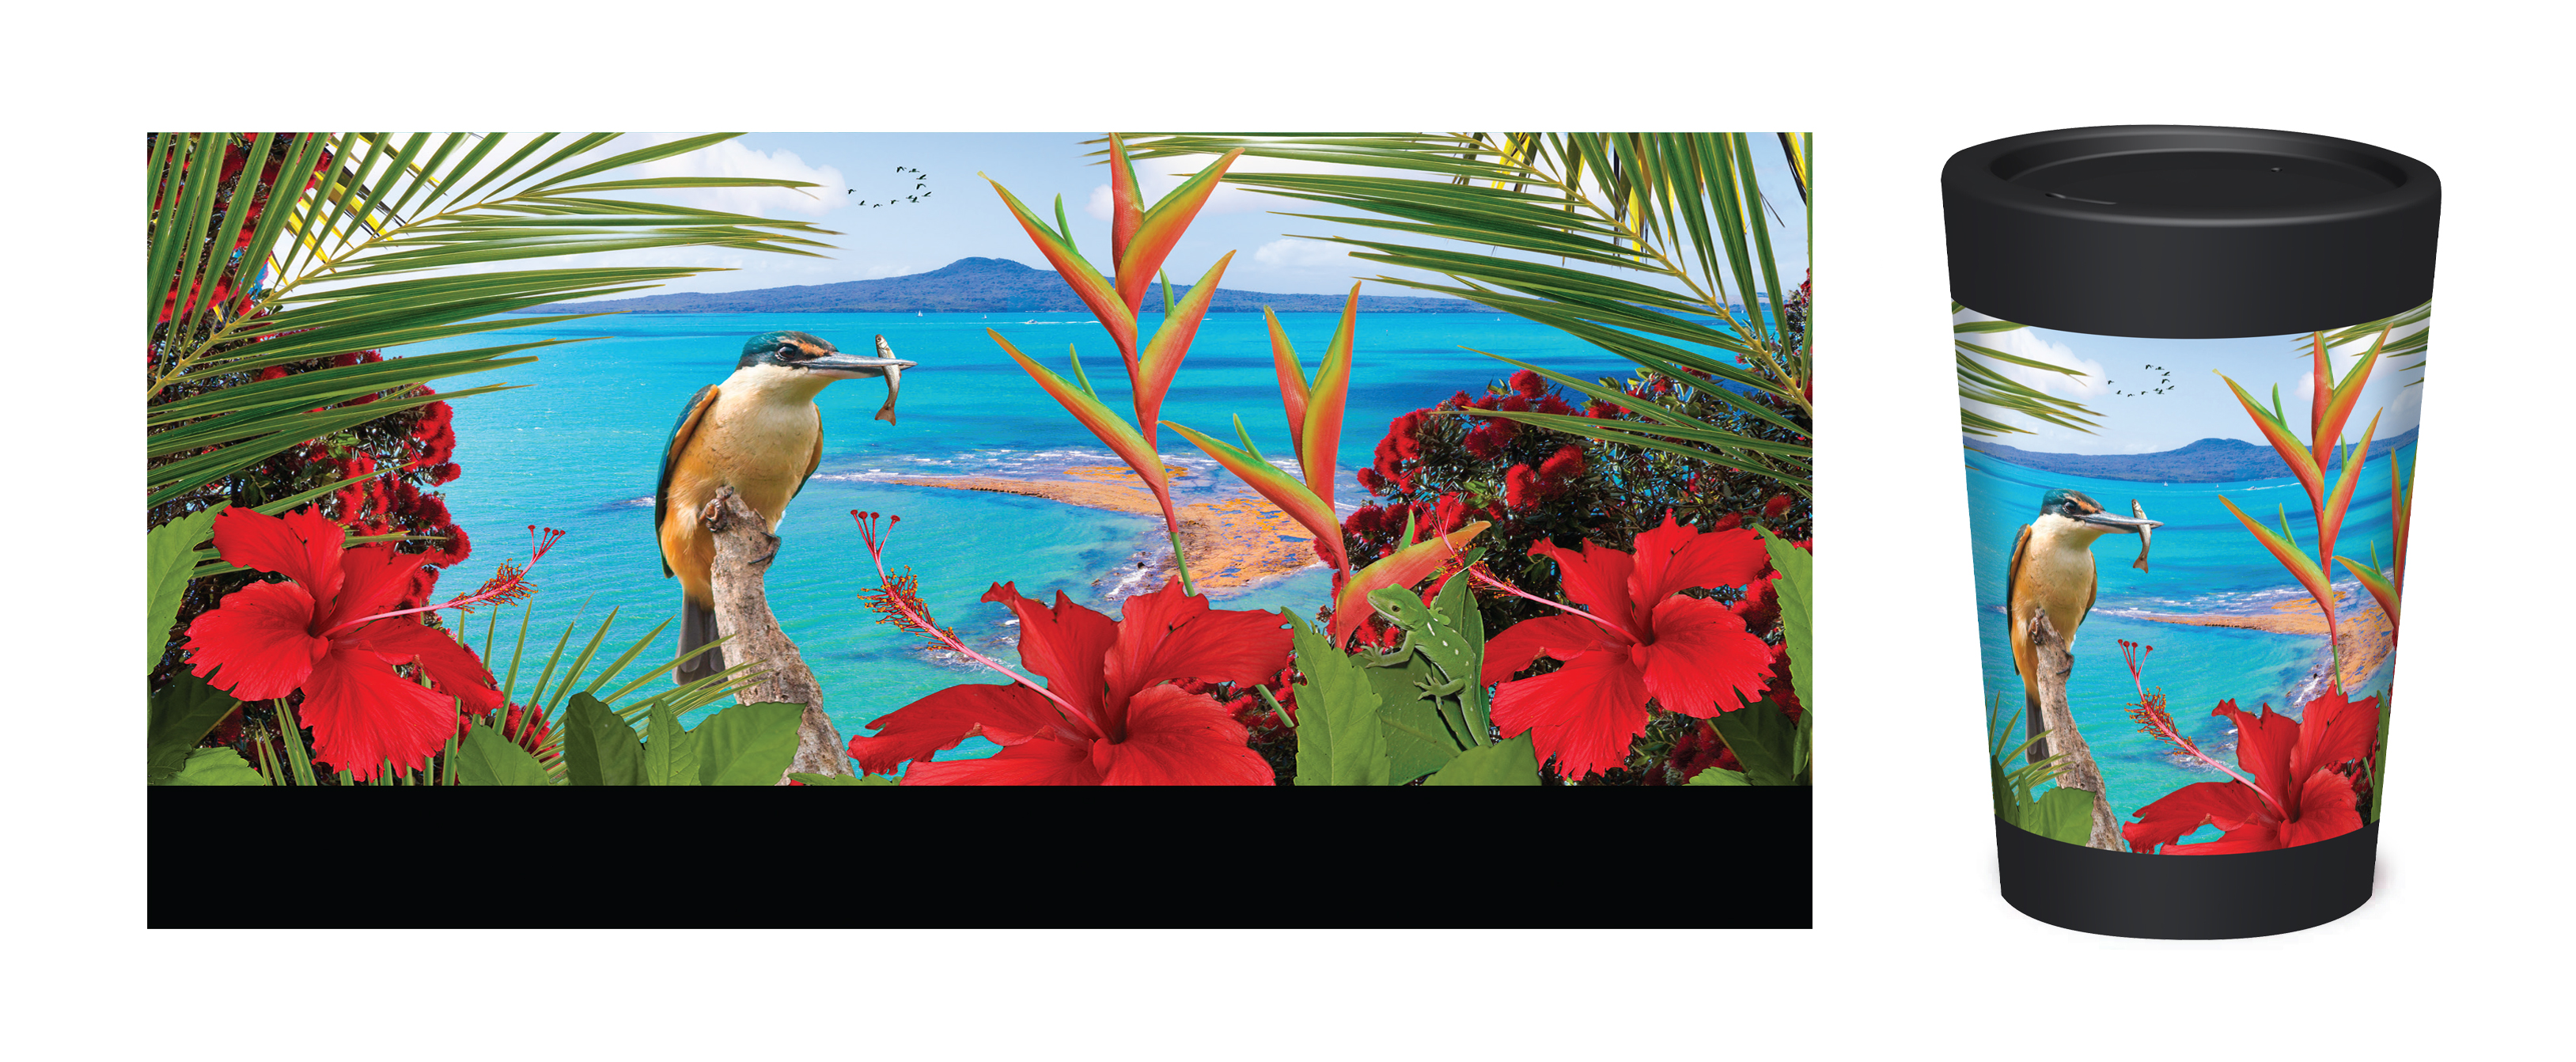 Kingfisher Reef